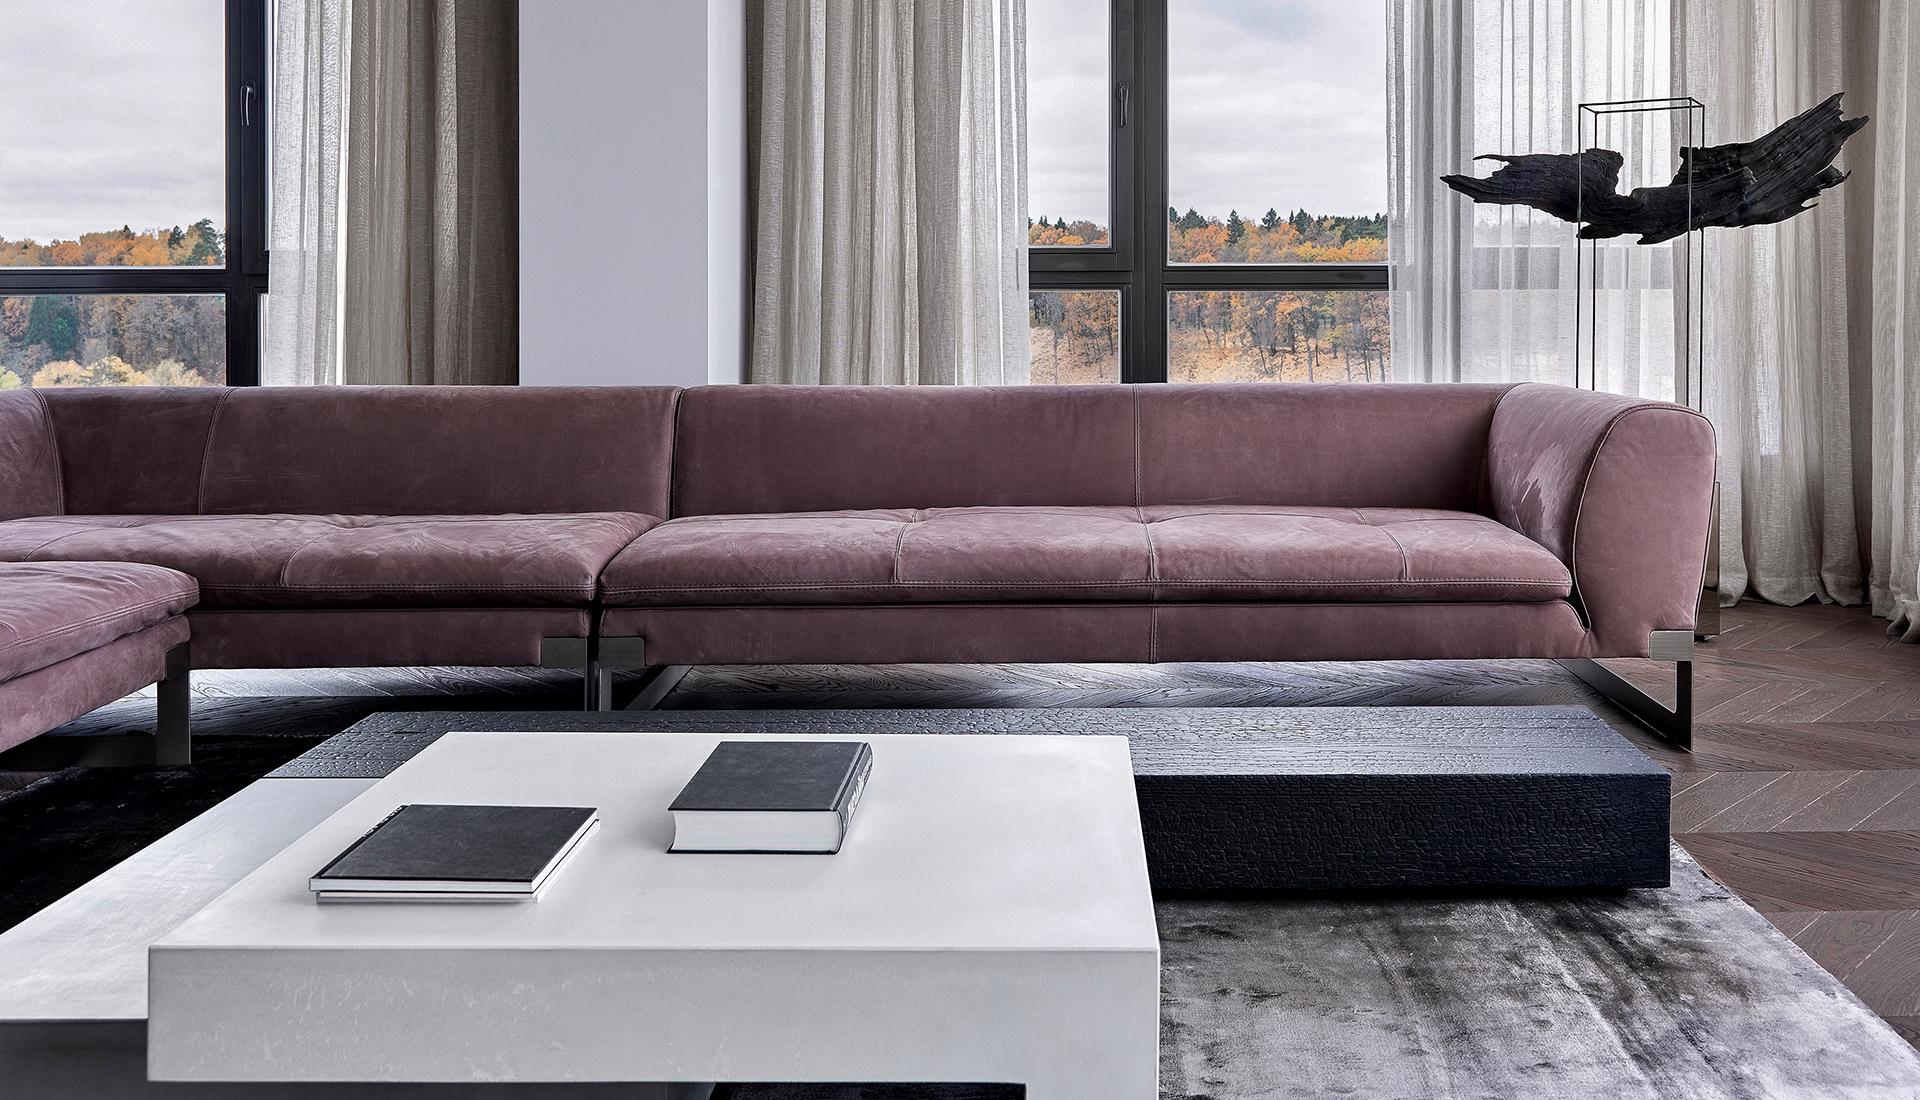 Спокойная семейная квартира 163 кв. метра по проекту студии Алены Паутовой